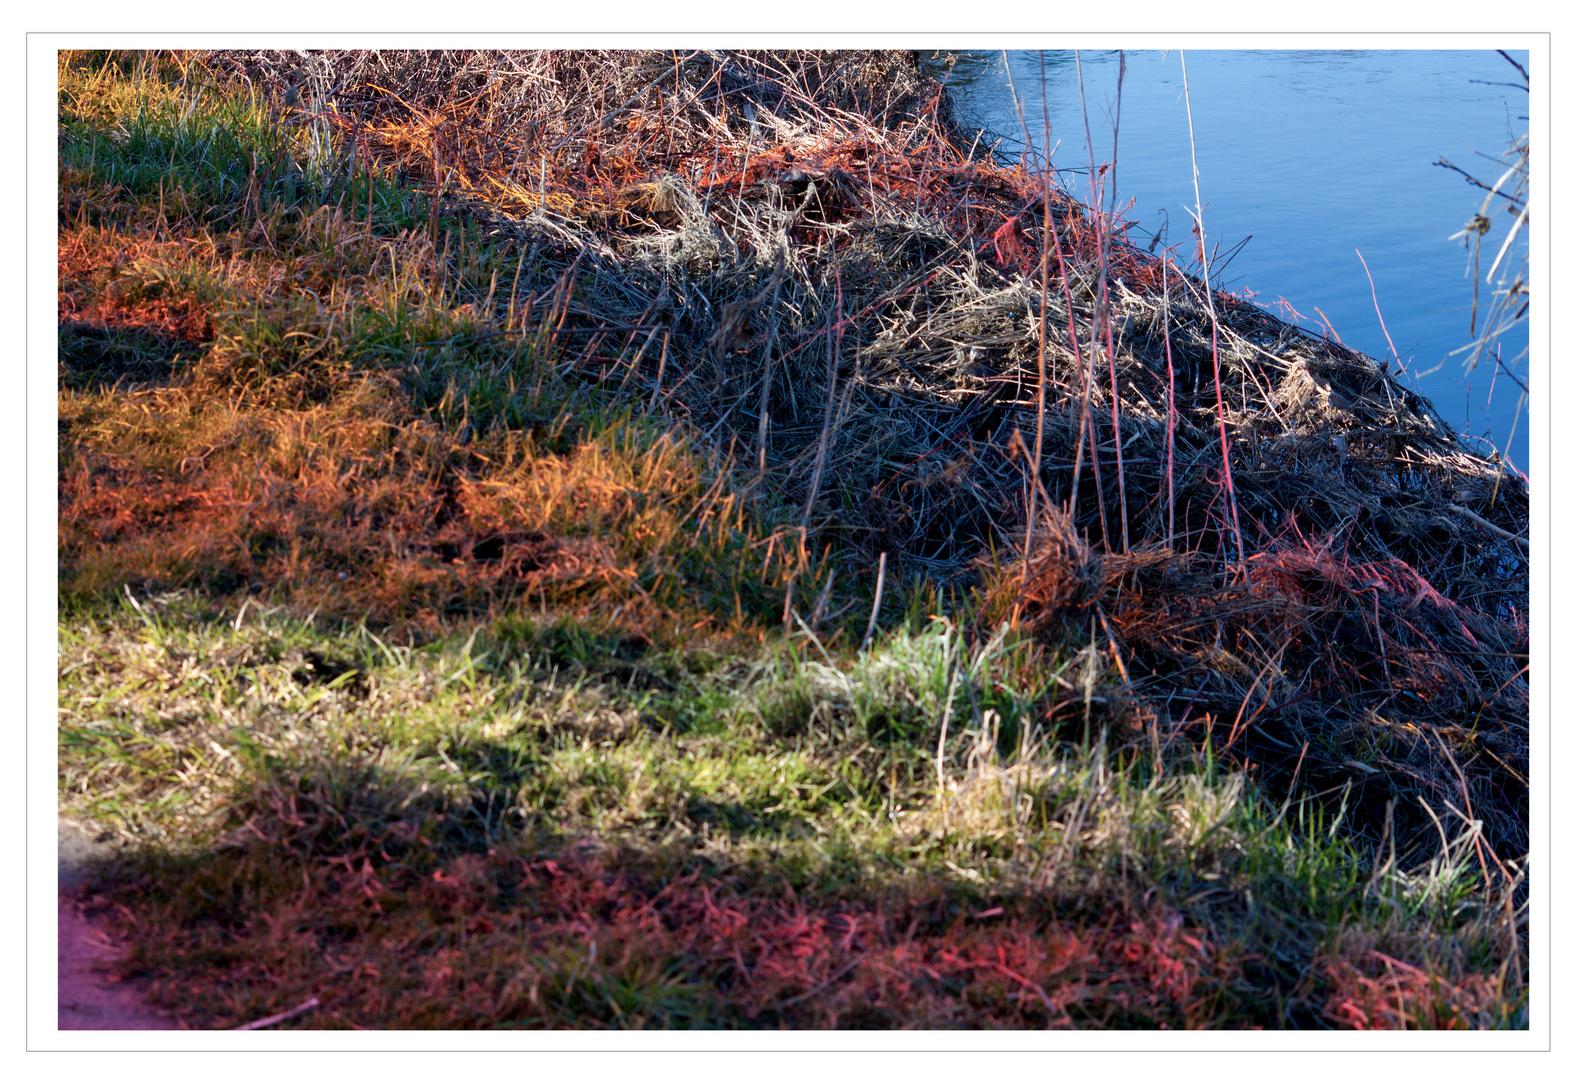 Frühling an der Ruhr II - Im Rausch der Farben